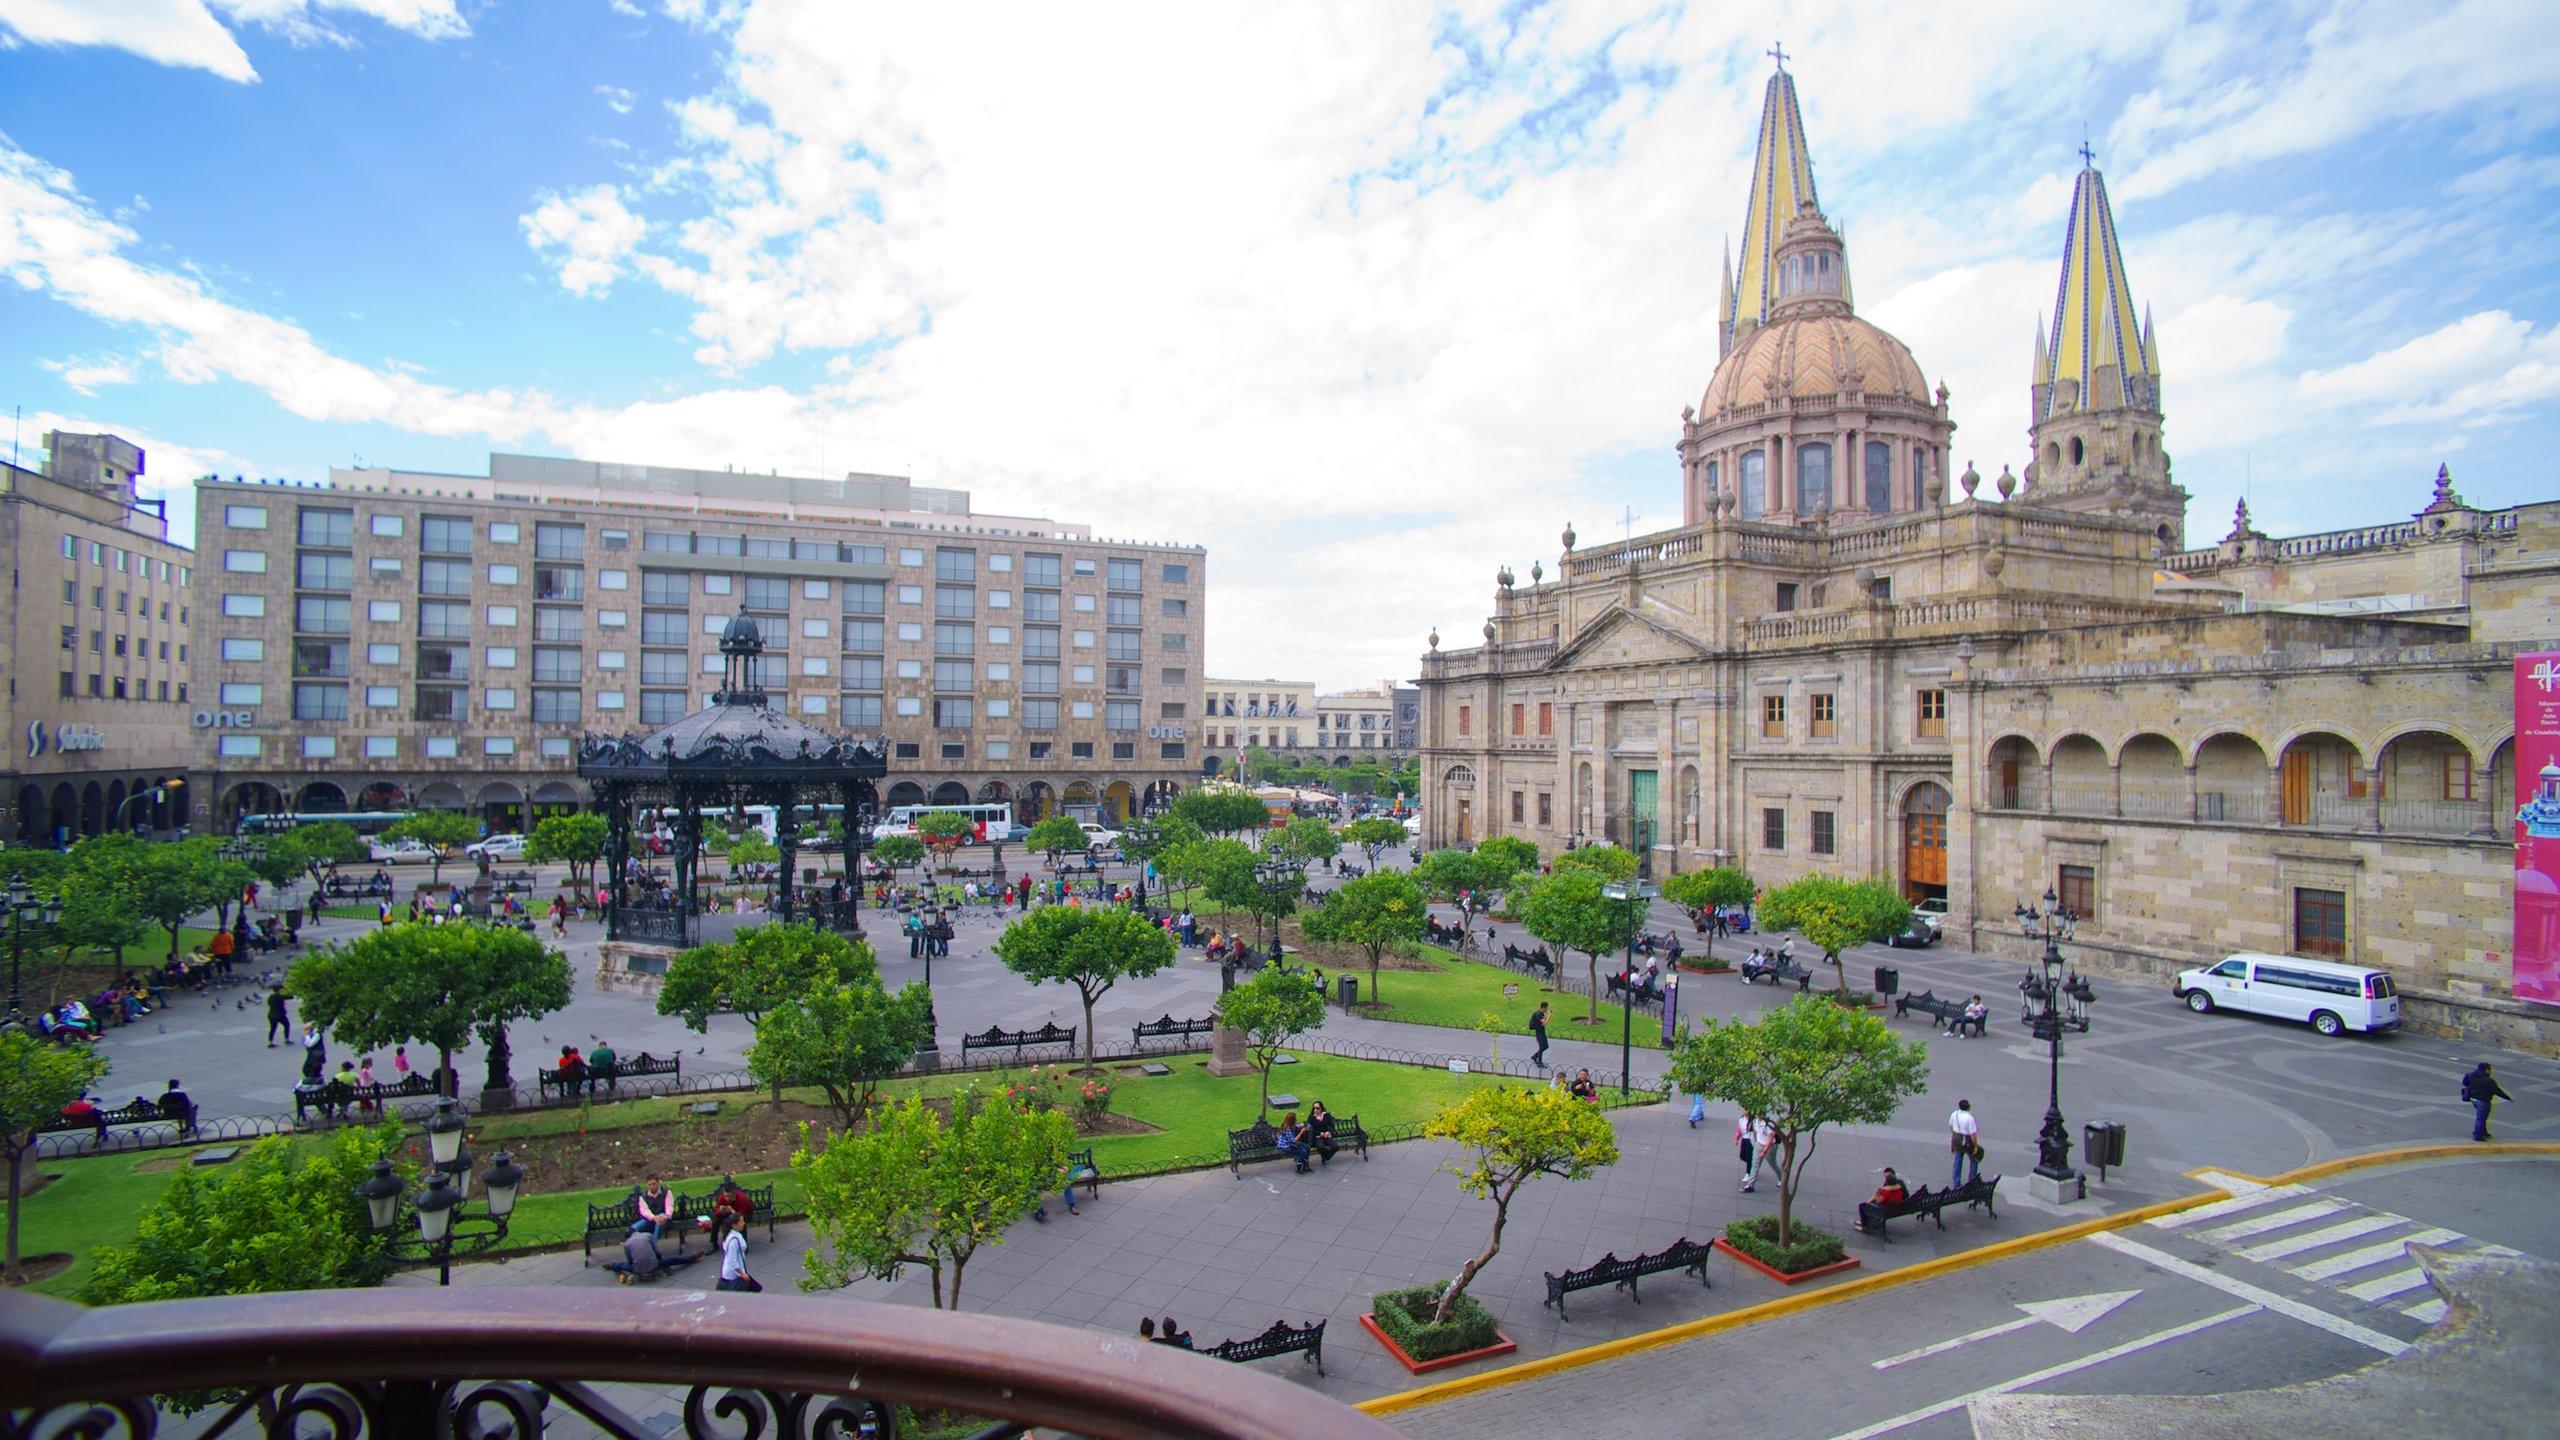 Guadalajara turismo: Qué visitar en Guadalajara, Jalisco, 2021| Viaja con  Expedia, Turismo de Jalisco, Turismo México, Turismo playa, Puerto Vallarta, Guadalajara, Zapopan, Tlaquepaque, Viaje a Tequila,Lugares turisticos, Turismo jalisco 2021